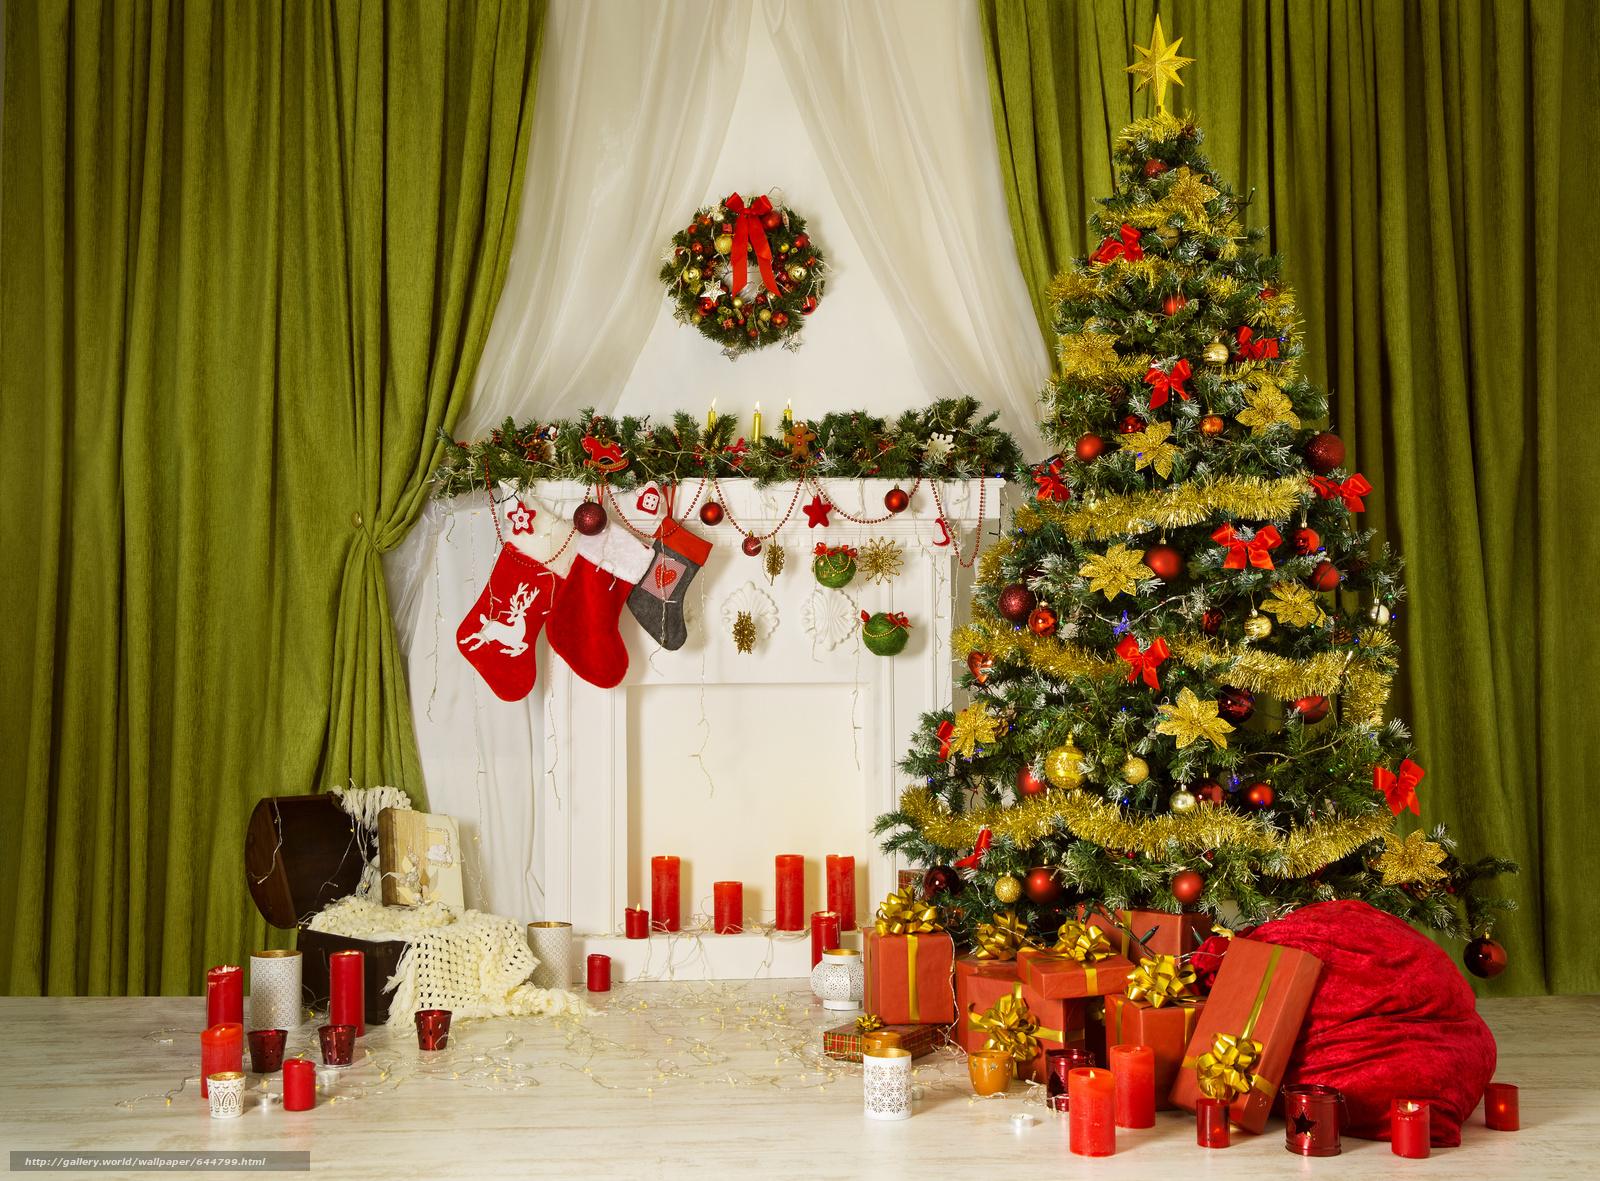 Скачать обои новый год,  новогодняя ёлка,  свечи,  новогодний интерьер бесплатно для рабочего стола в разрешении 5011x3699 — картинка №644799